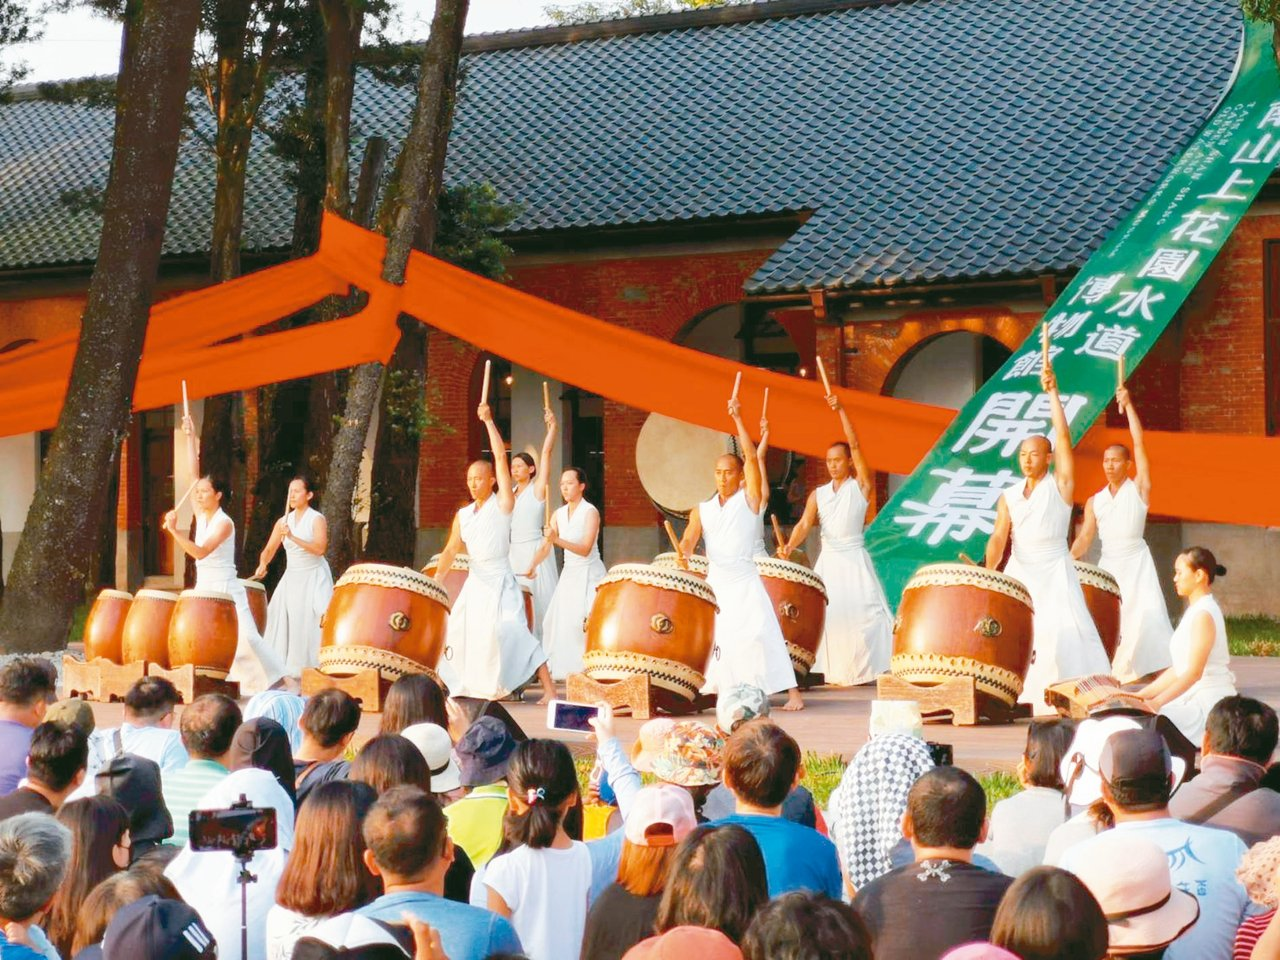 台南山上花園水道博物館開幕典禮,優人神鼓表演吸引爆滿遊客。 記者吳淑玲/攝影